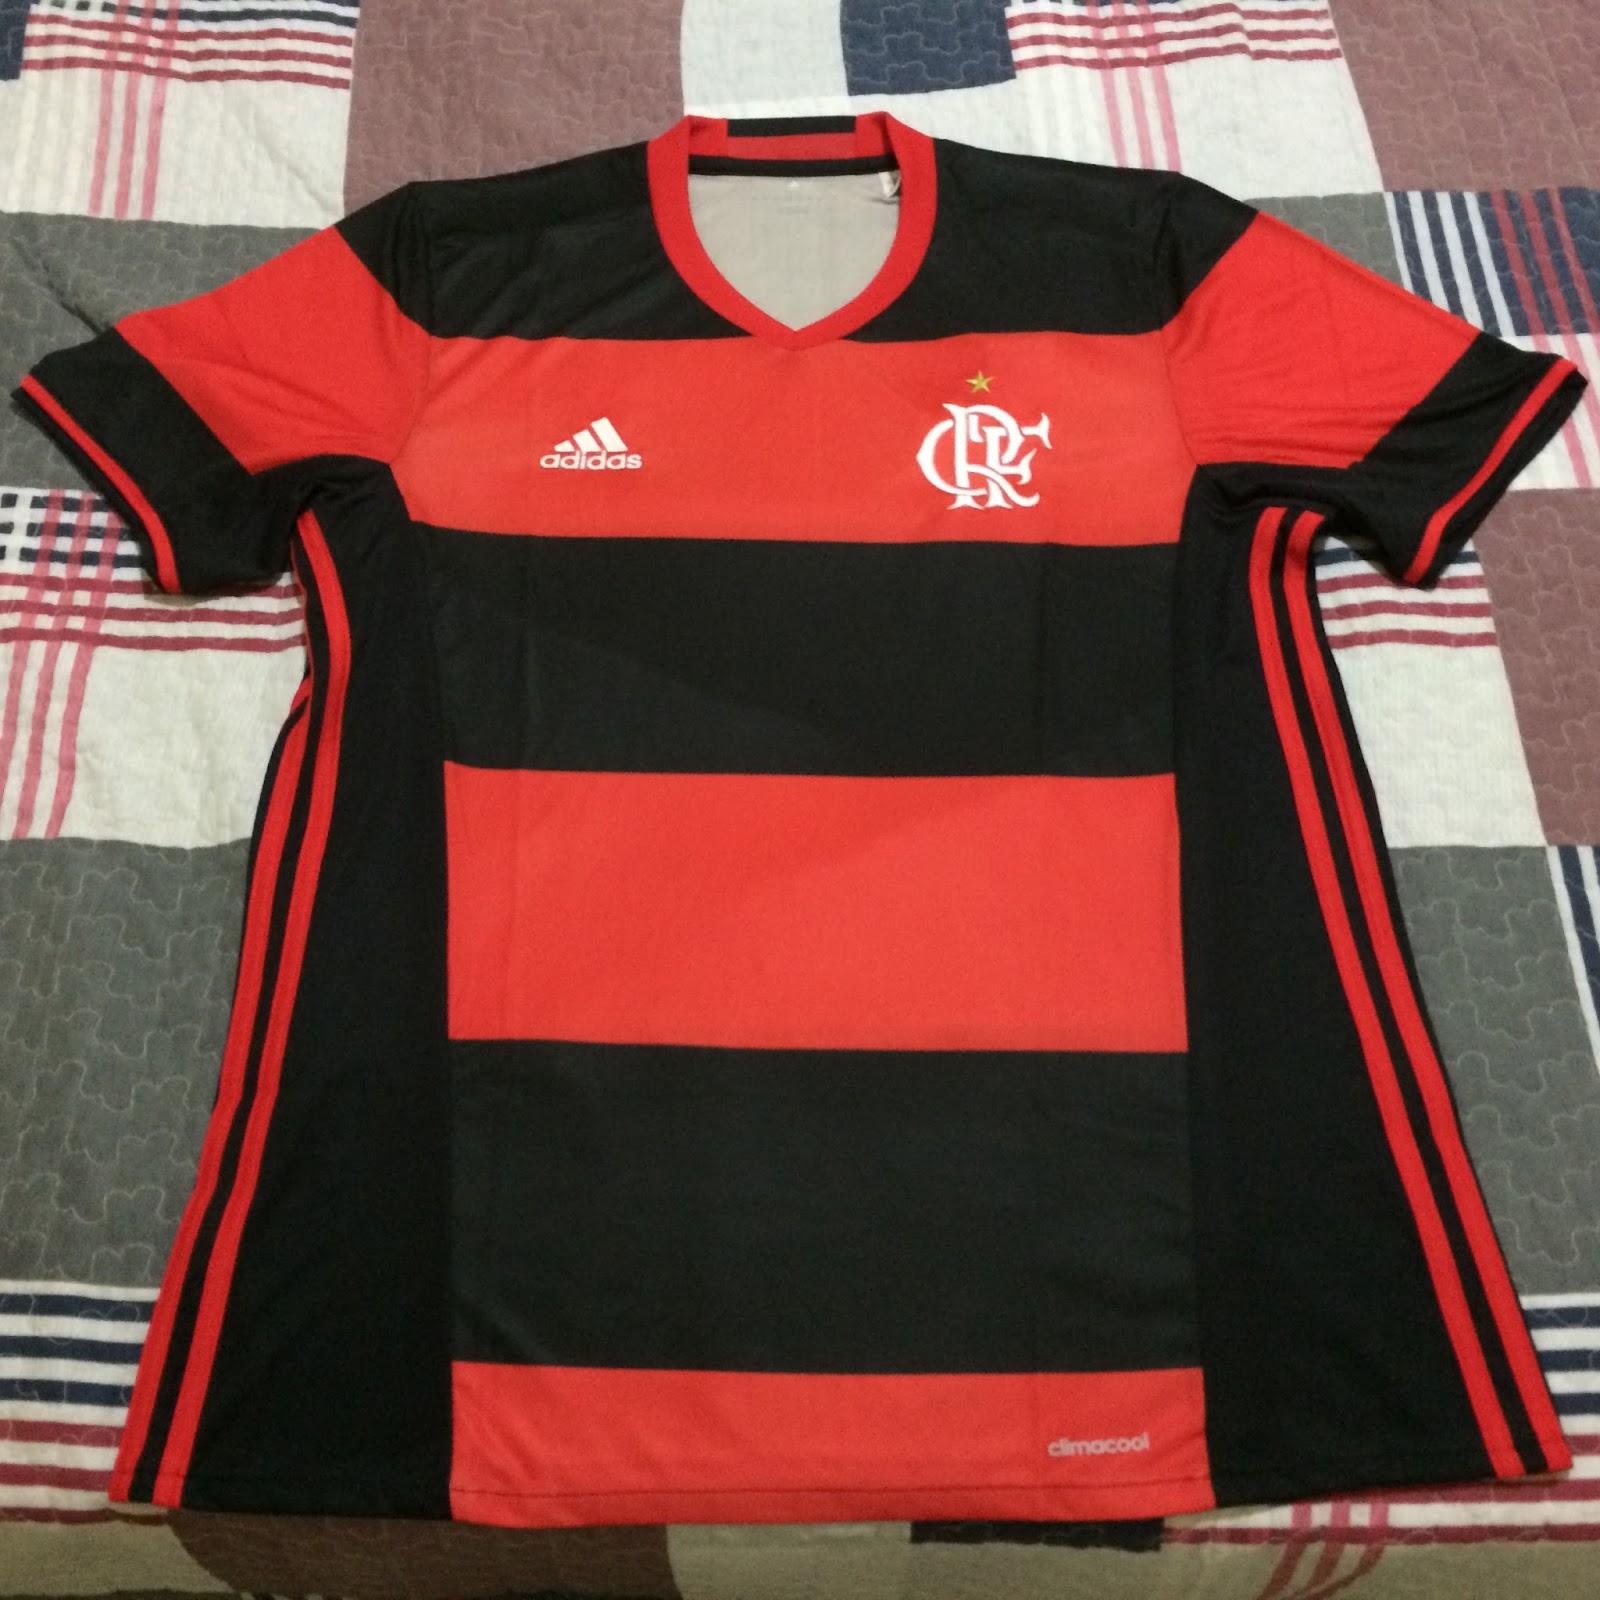 5c0157f97a ANÁLISE MANTOTECA - Camisa do Flamengo 2016